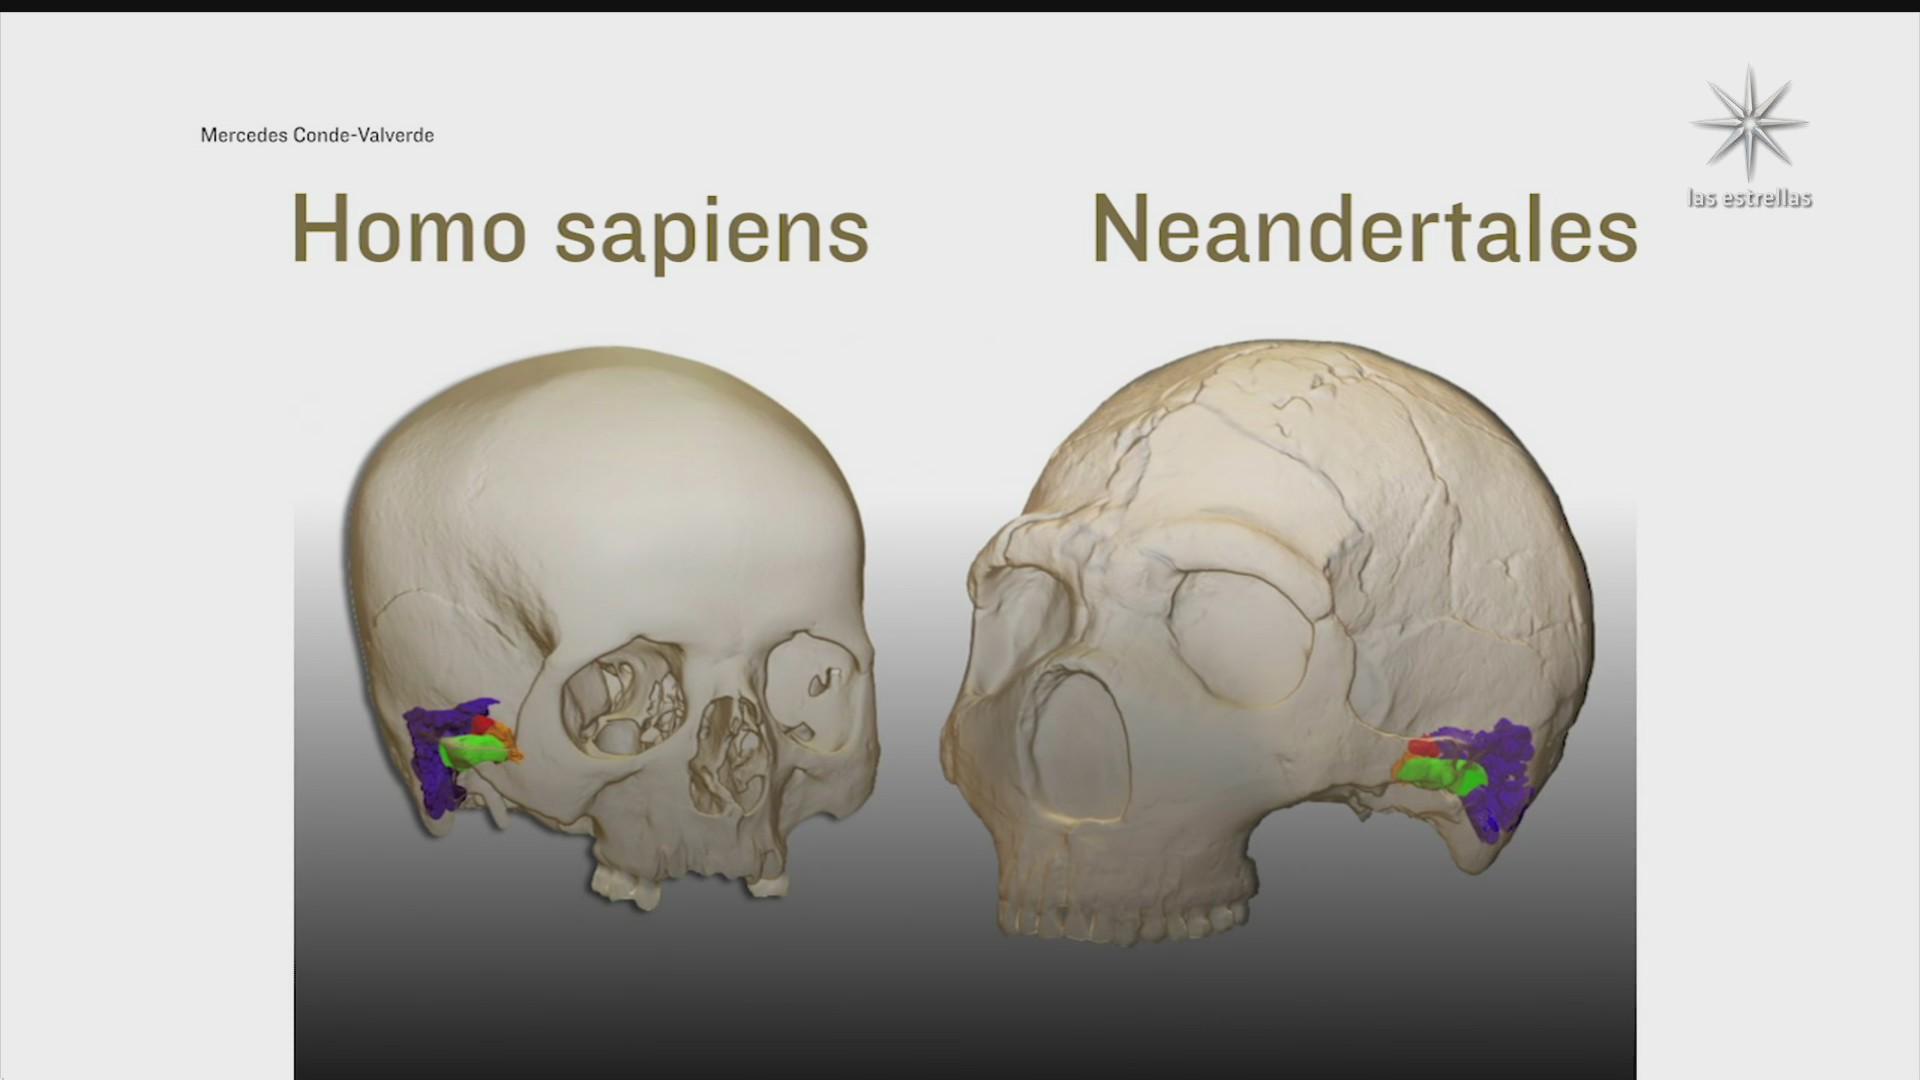 neandertales tenian la misma capacidad auditiva que los humanos actuales